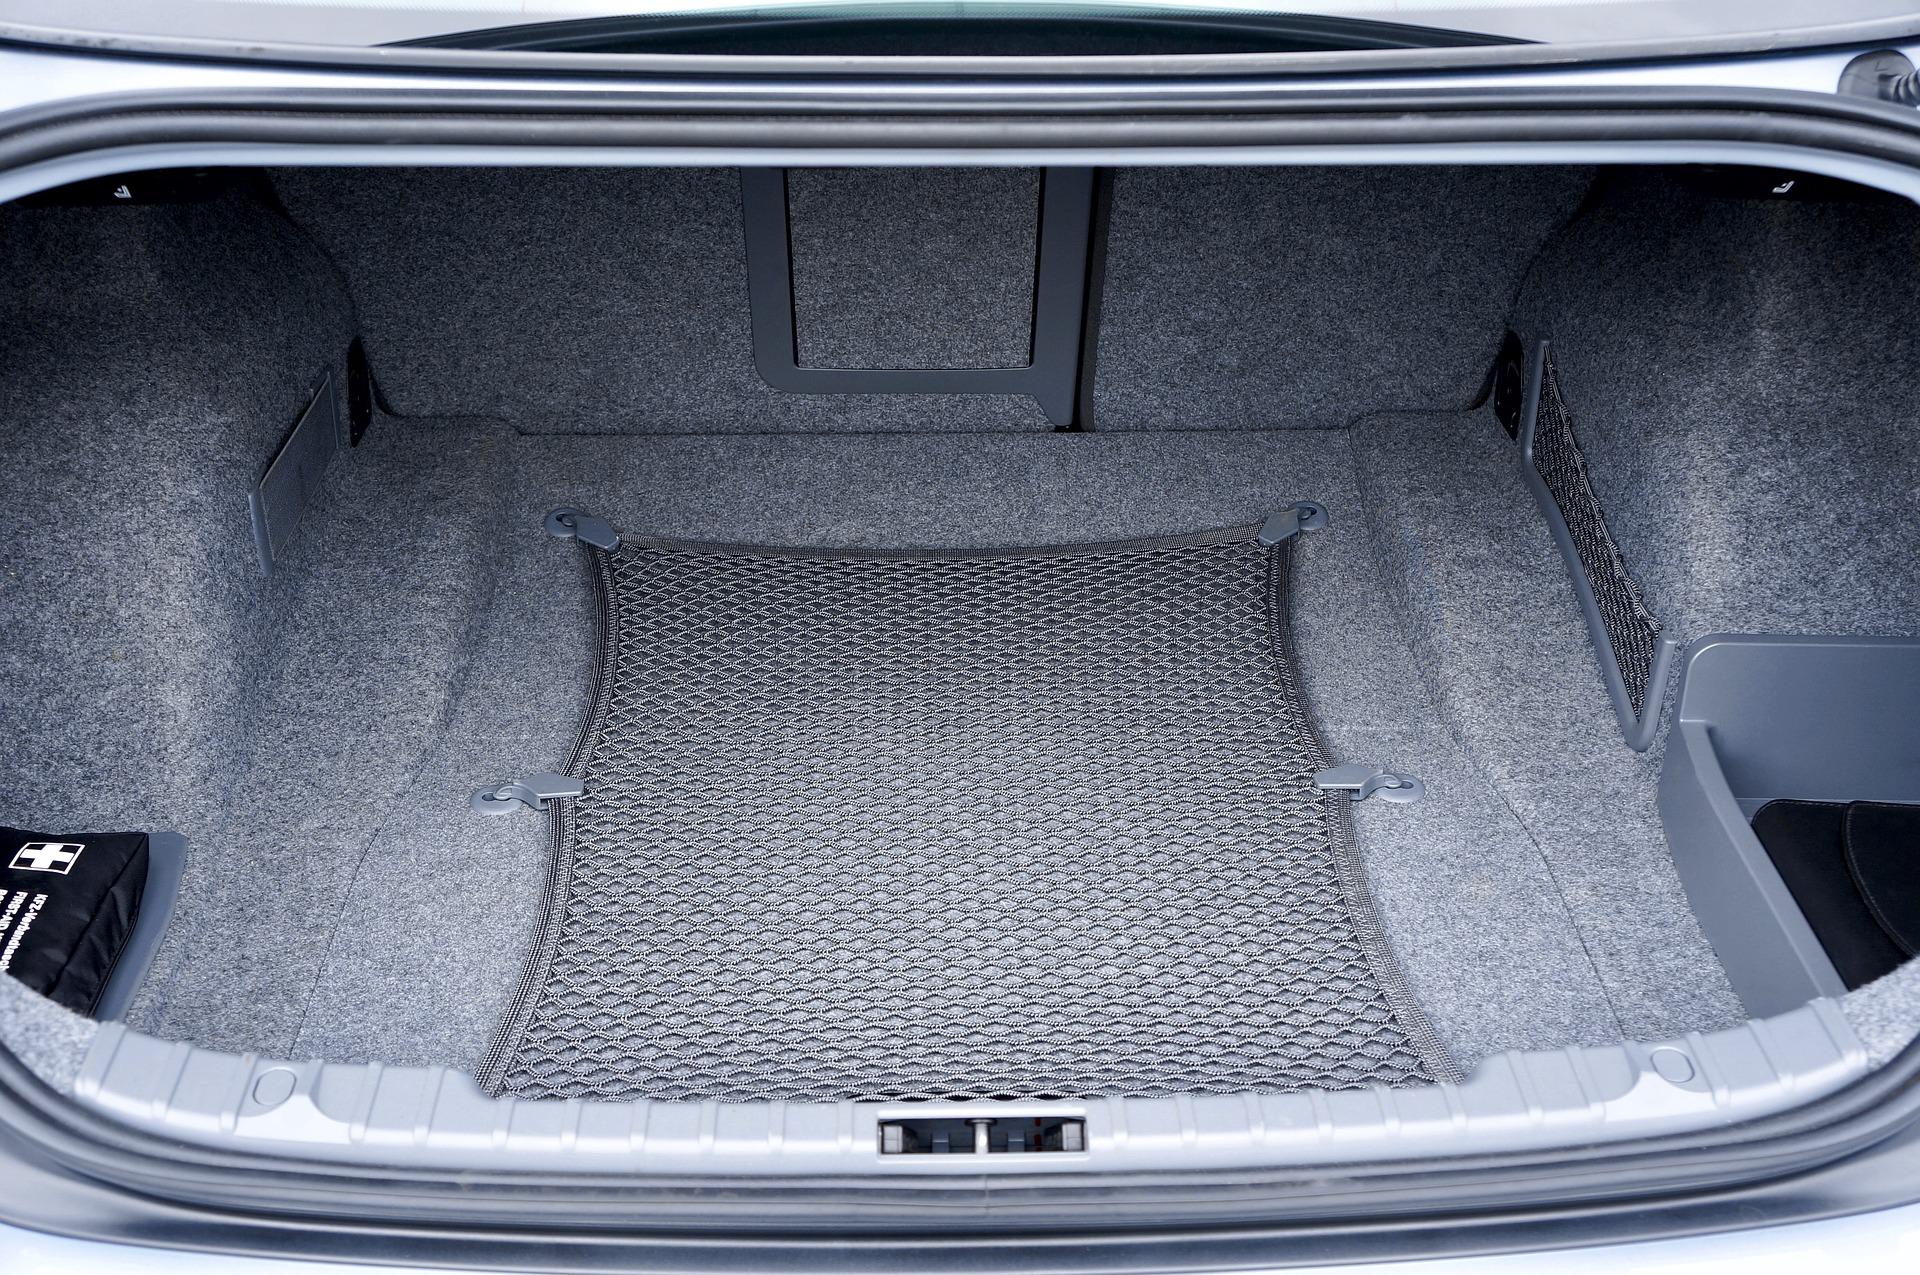 Как подобрать аксессуары для багажника машины